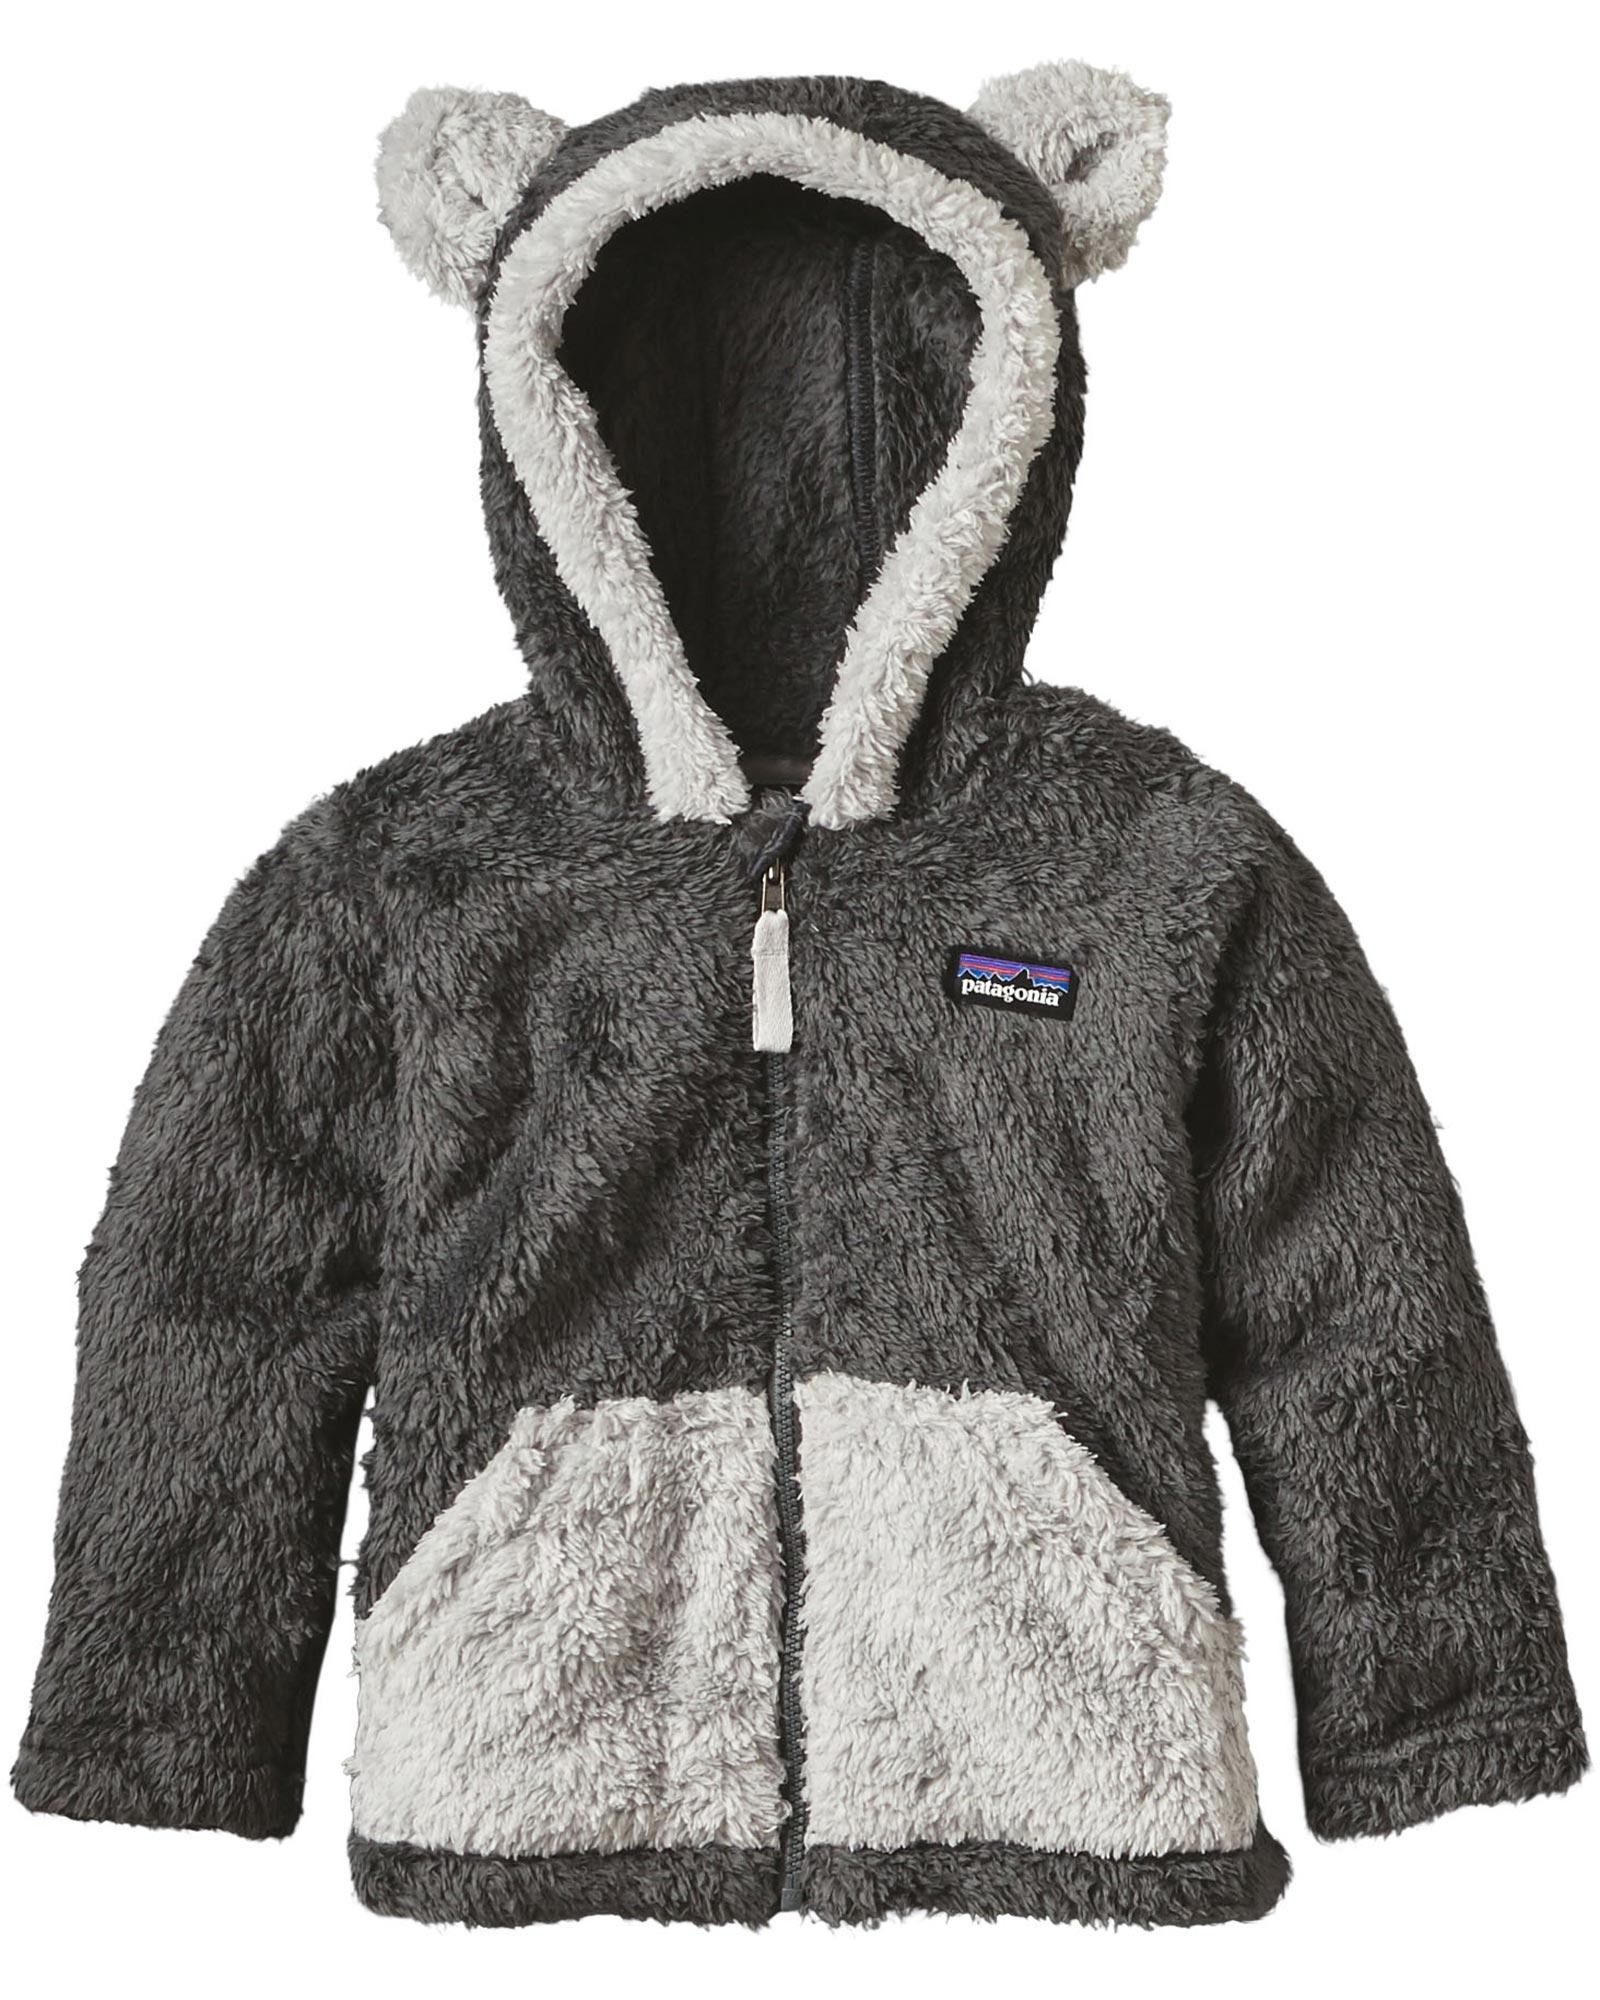 Patagonia Baby Furry Friends Hoody 0